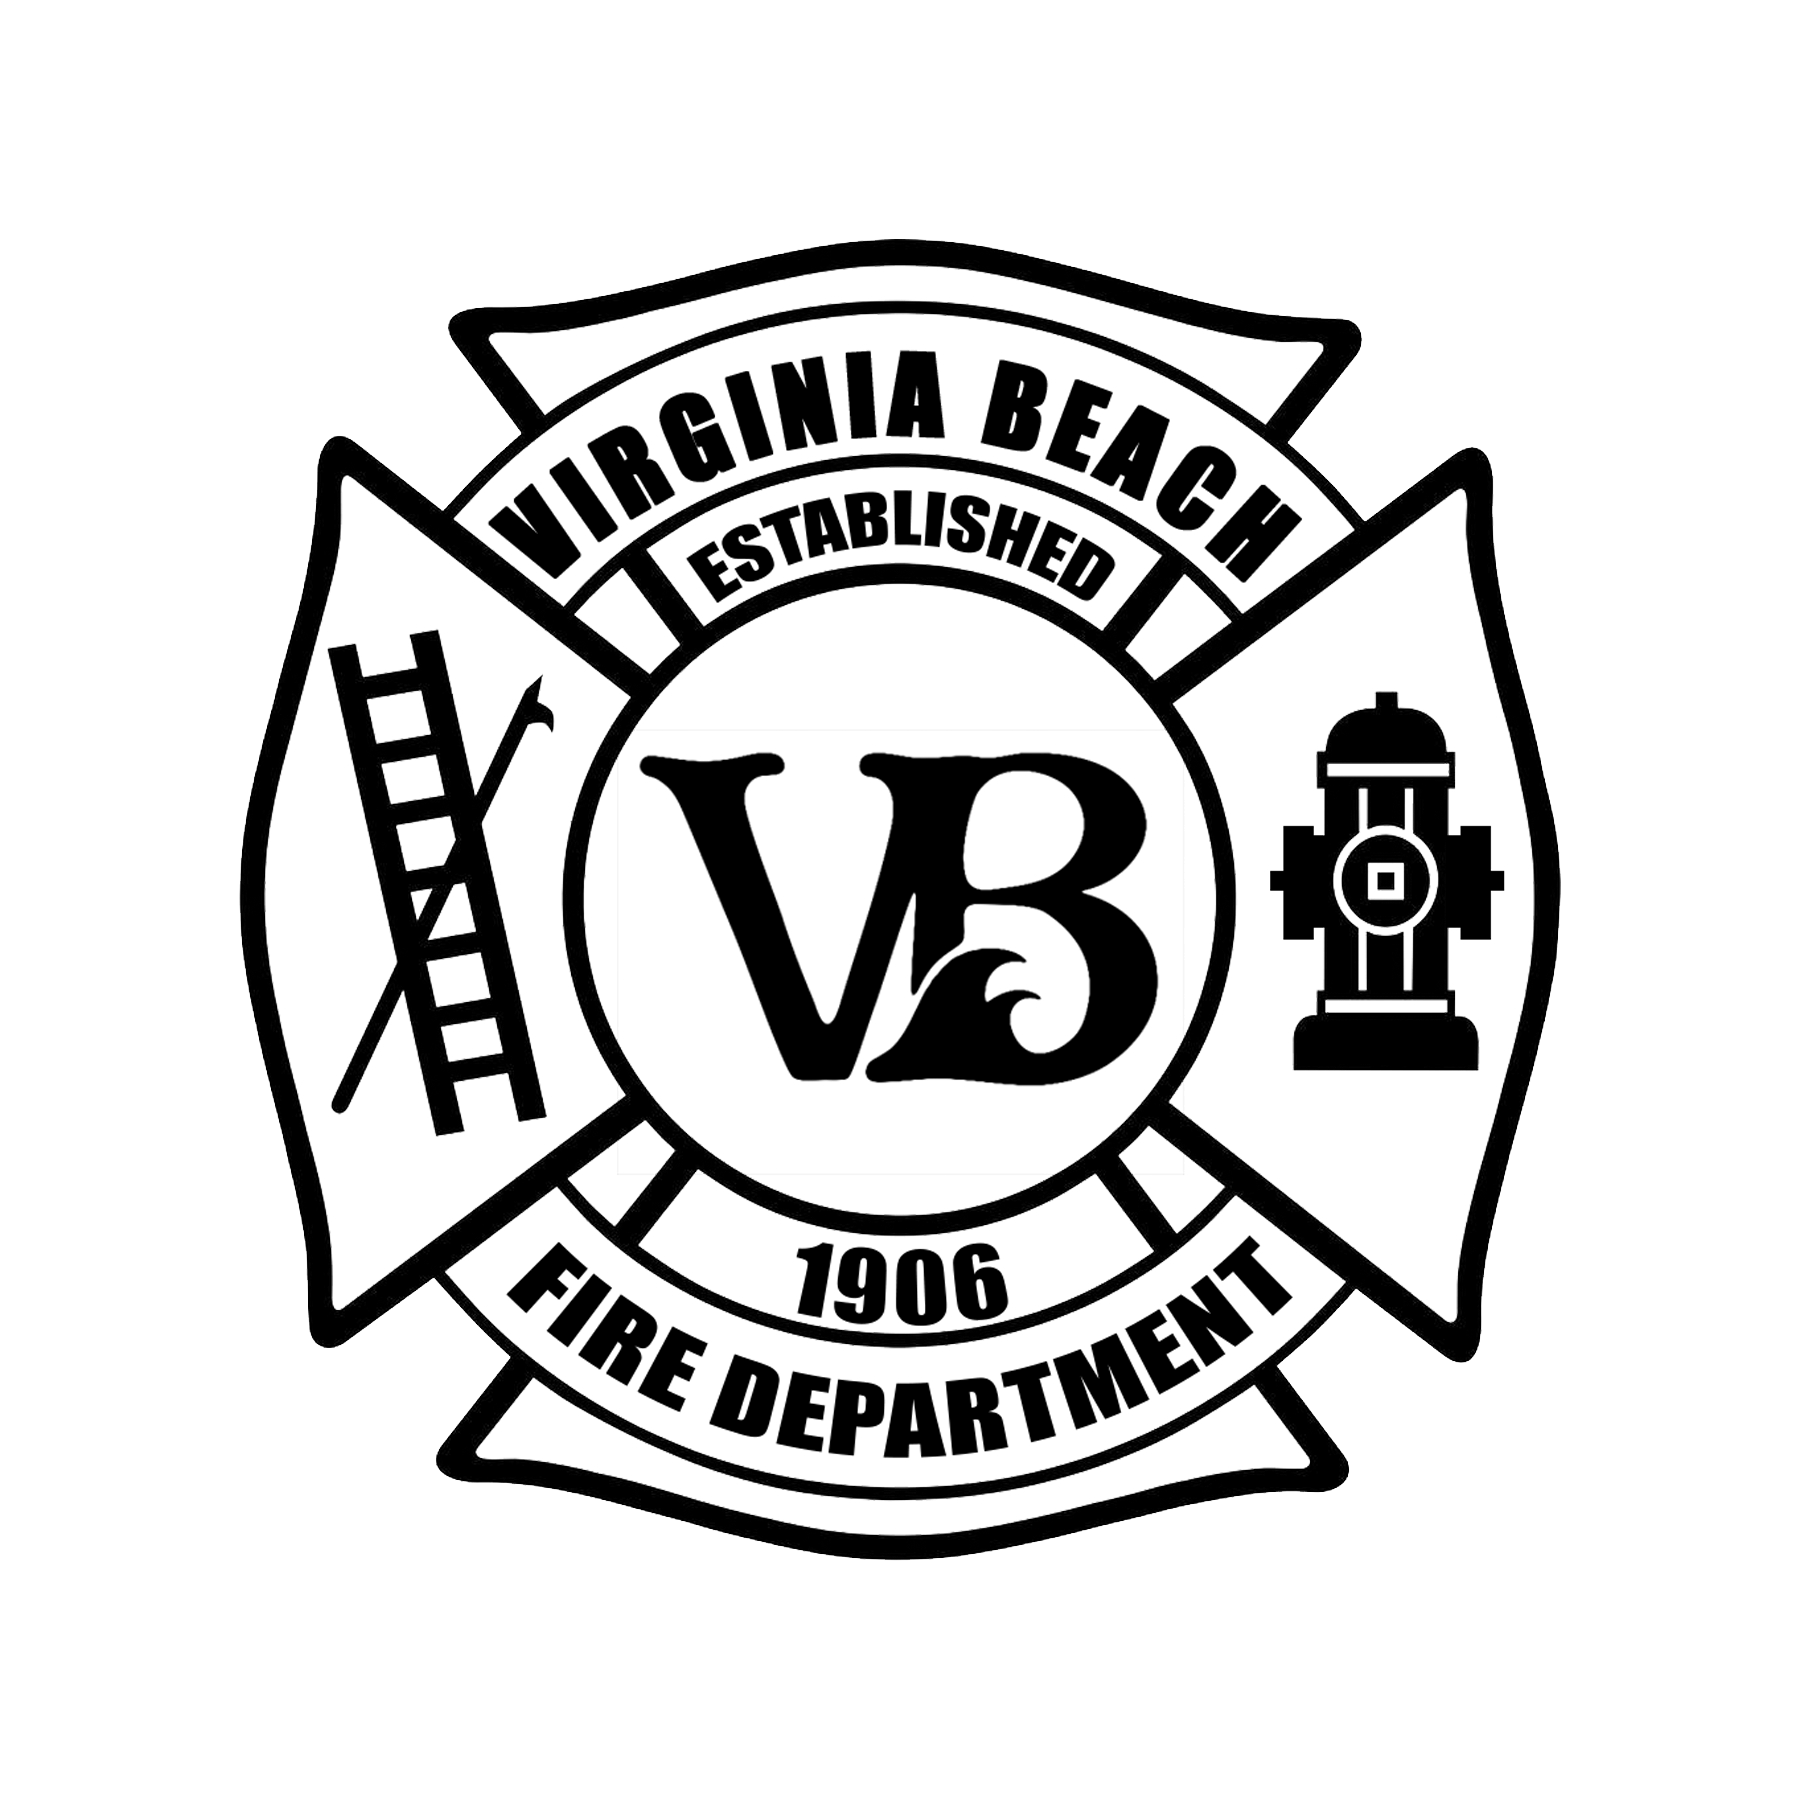 vbfd logo black